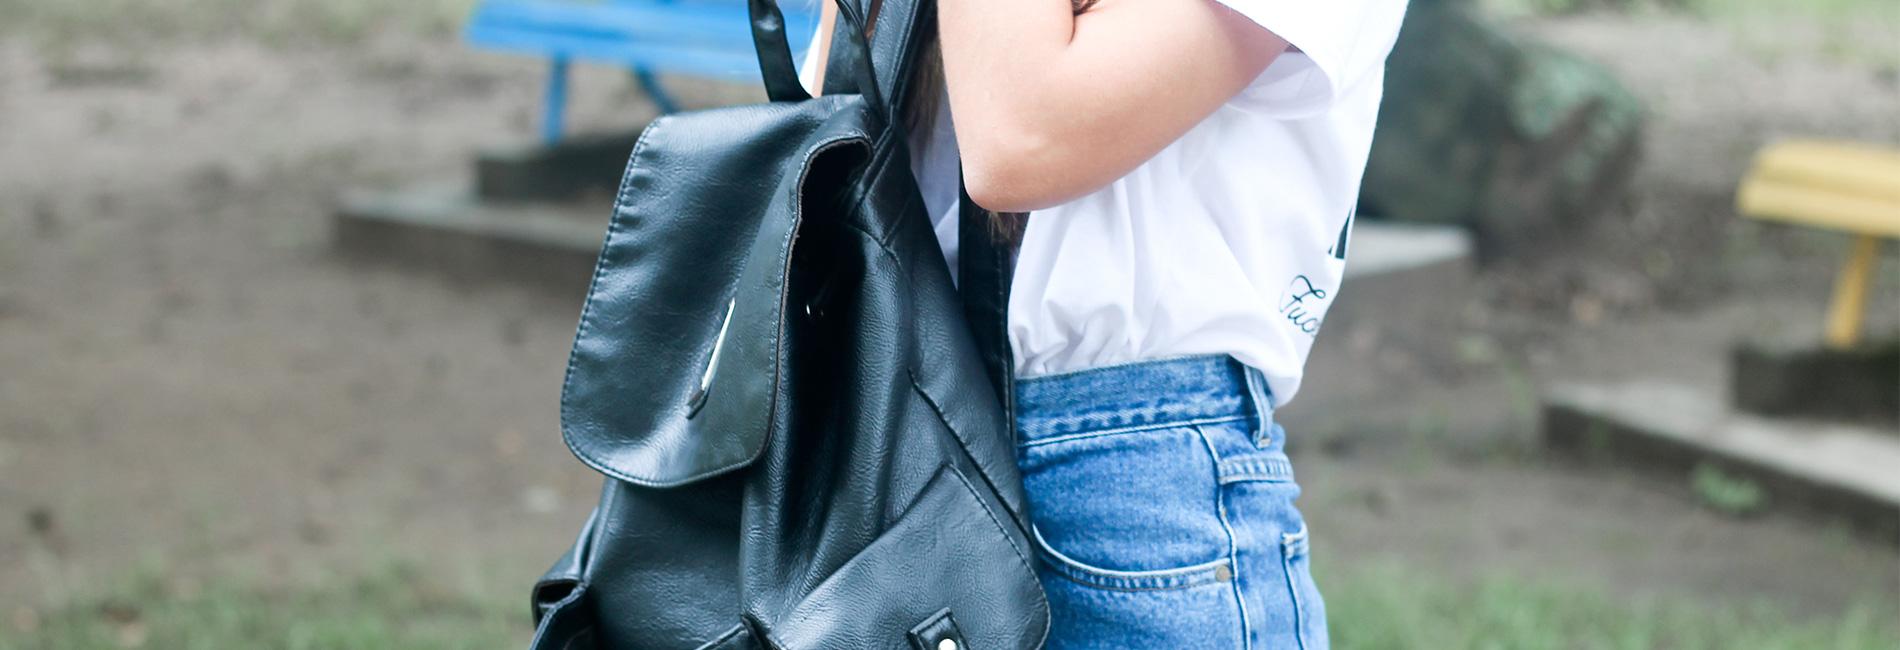 Soliloquios sobre el amor por las mochilas